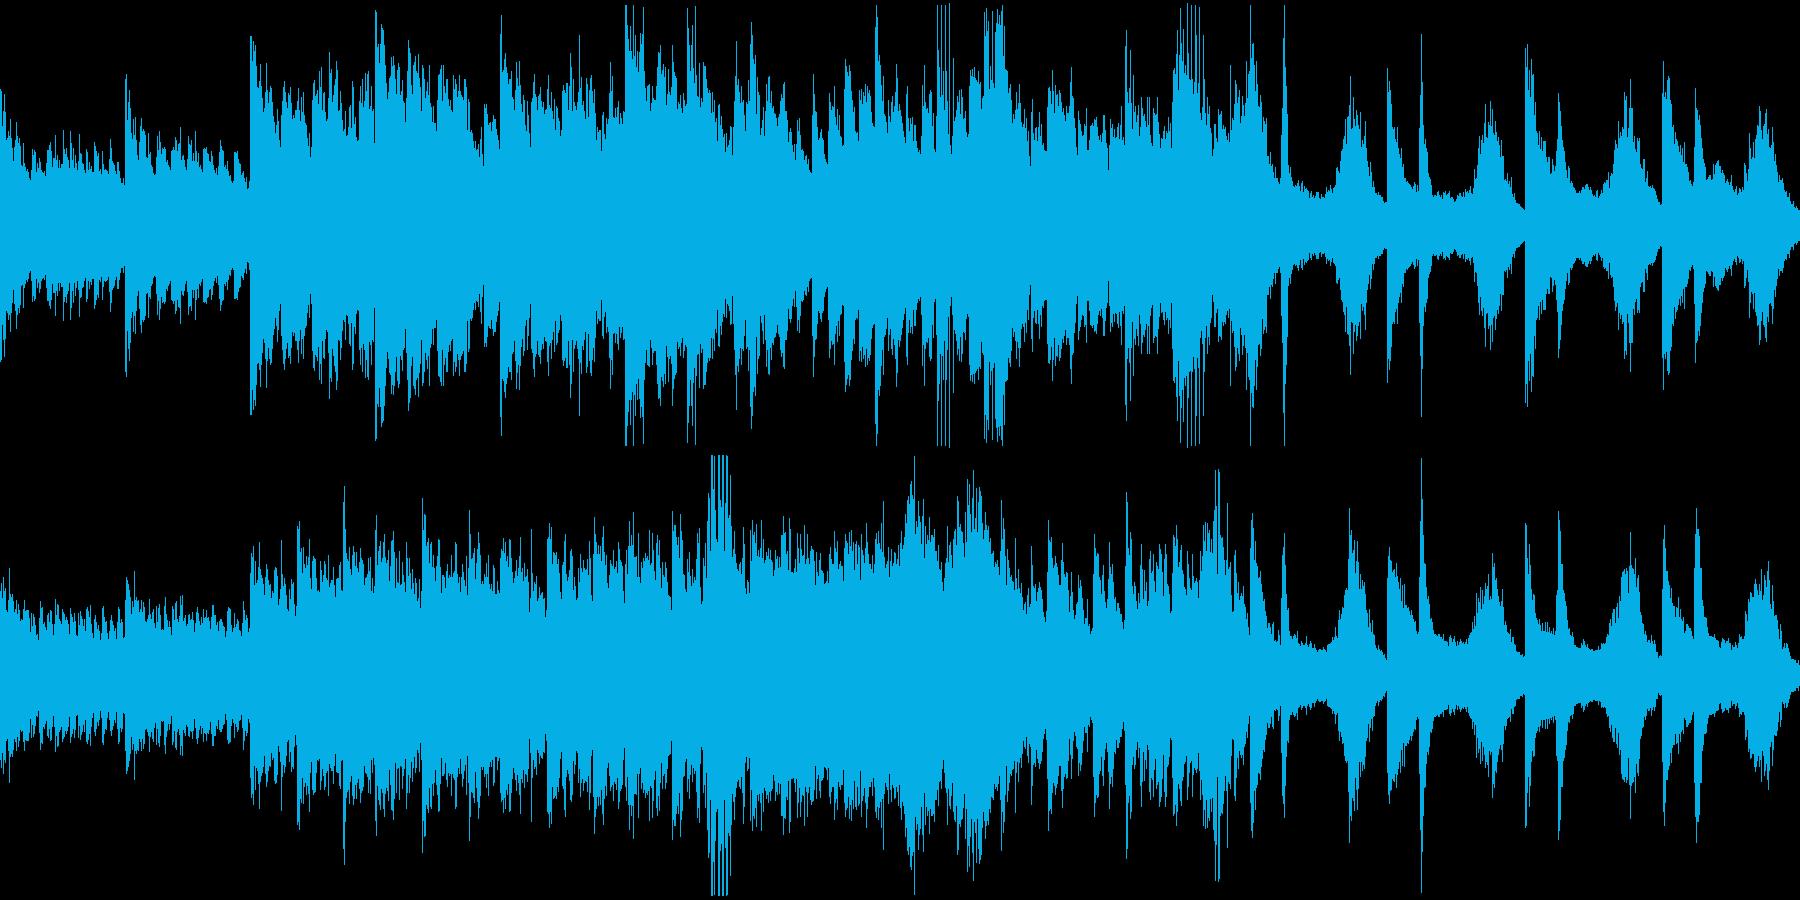 【ループ】不穏、重苦しい雰囲気に合うホラの再生済みの波形